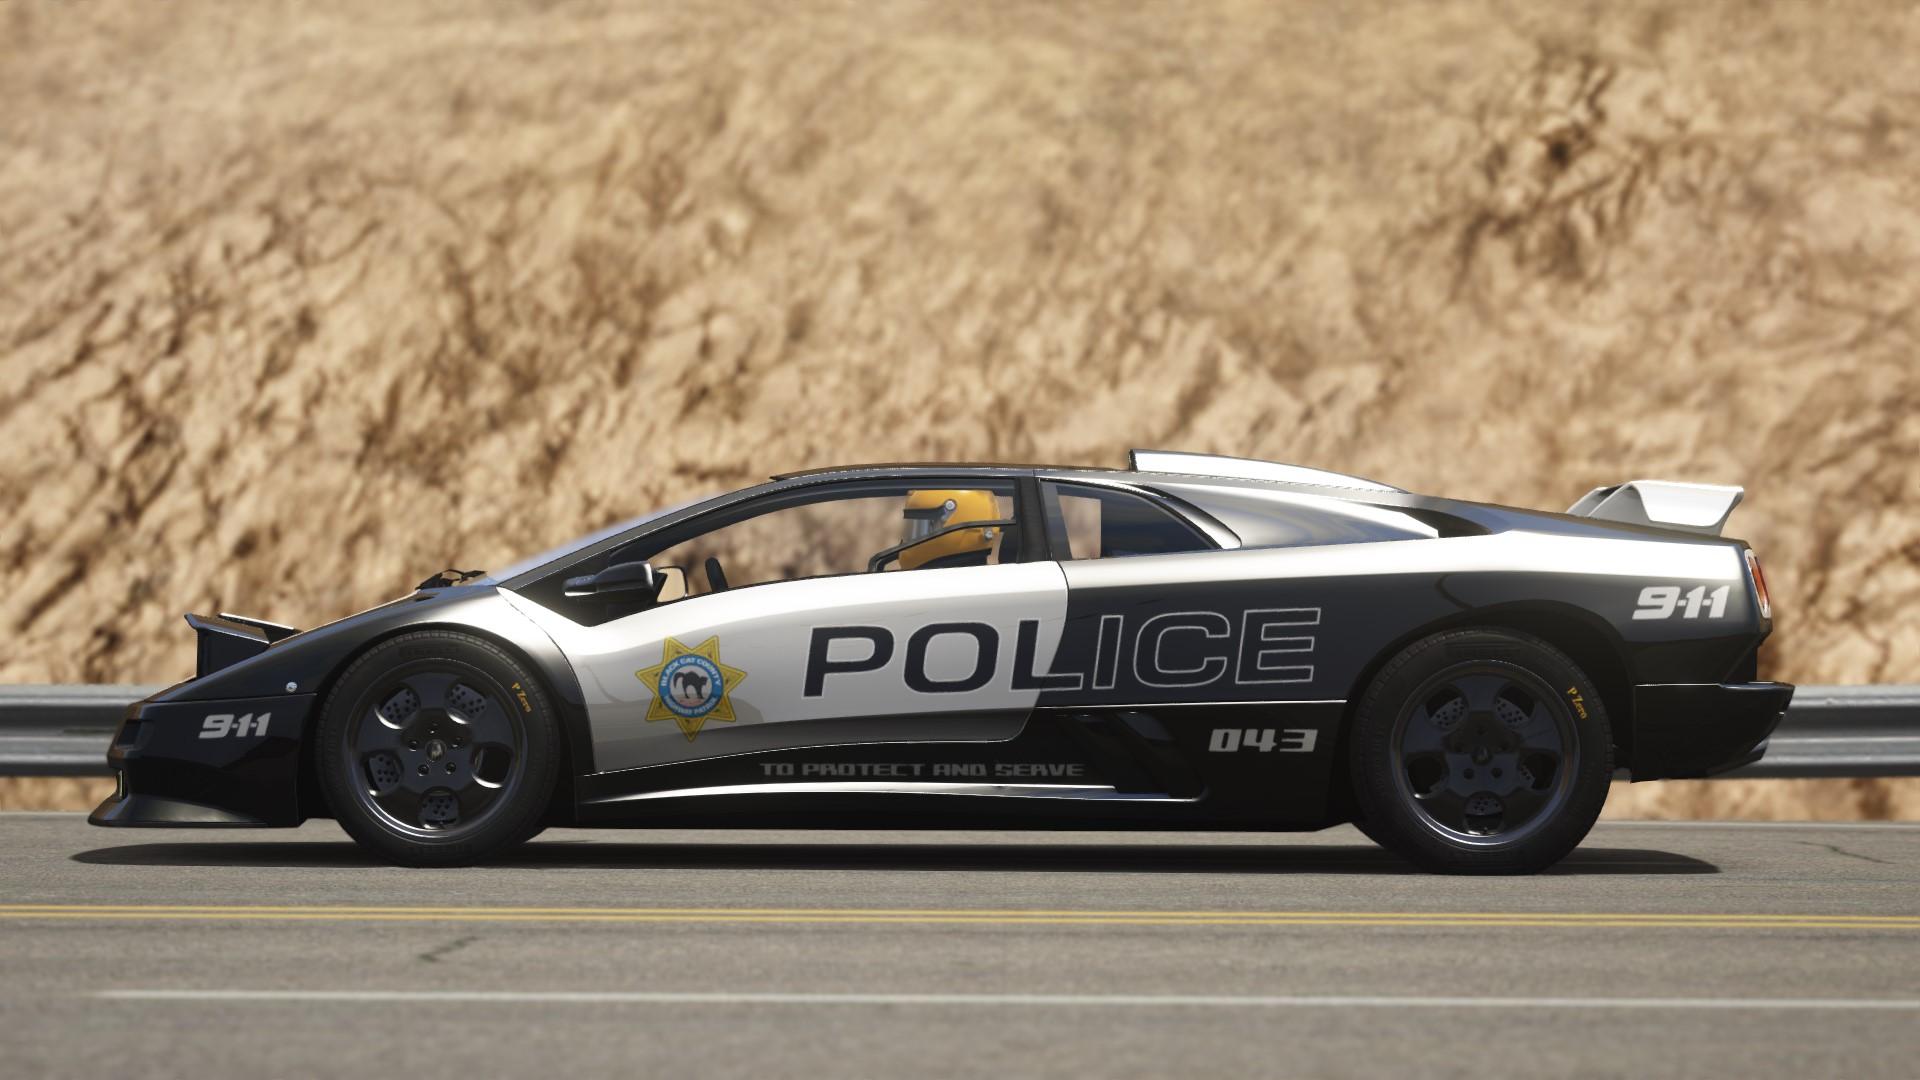 Black Cat County Police Interceptor Skin For Diablo Se30